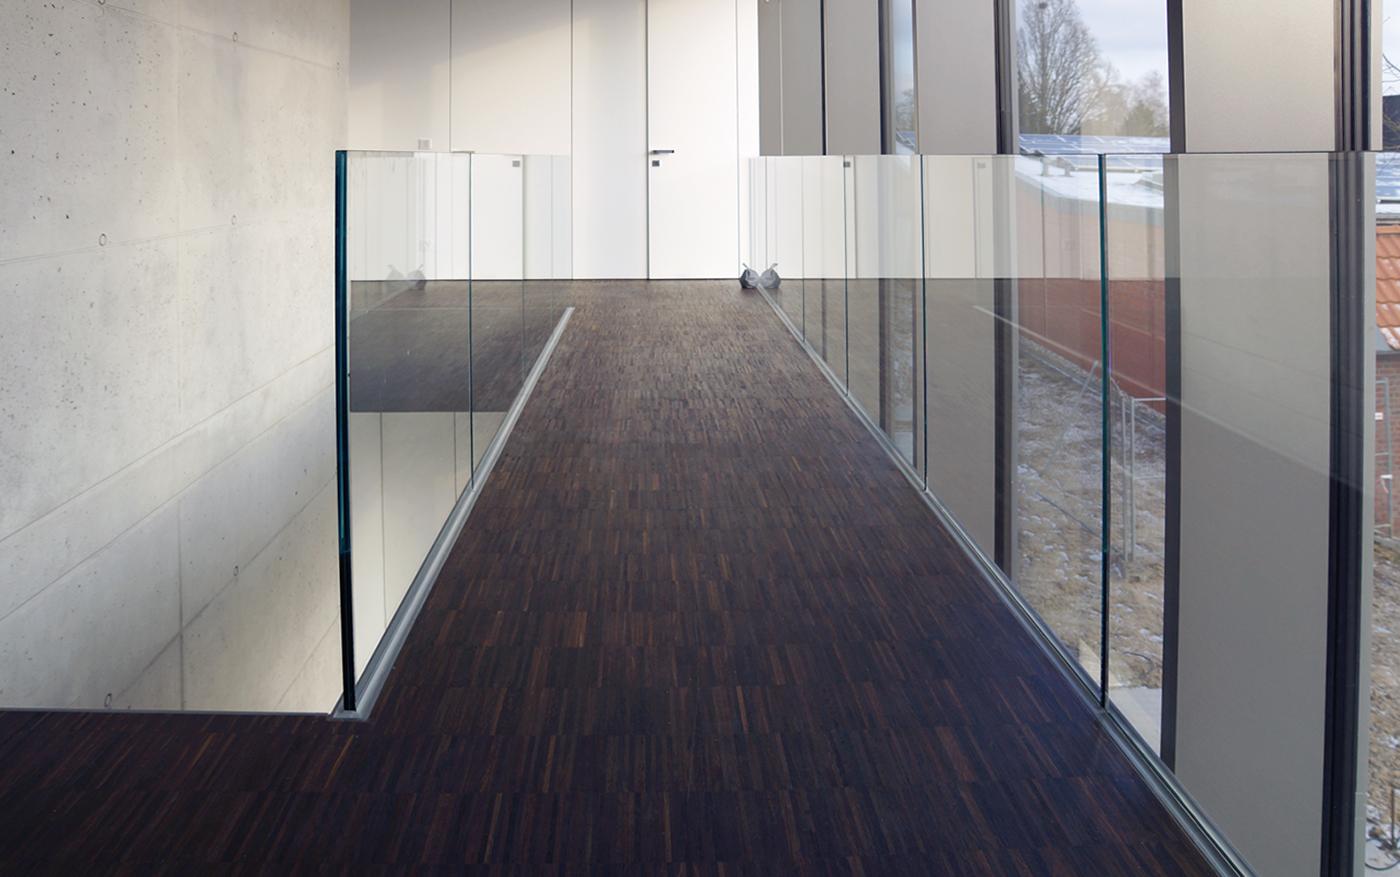 Galerie_Glasgeländer-Brüstung-Geländer